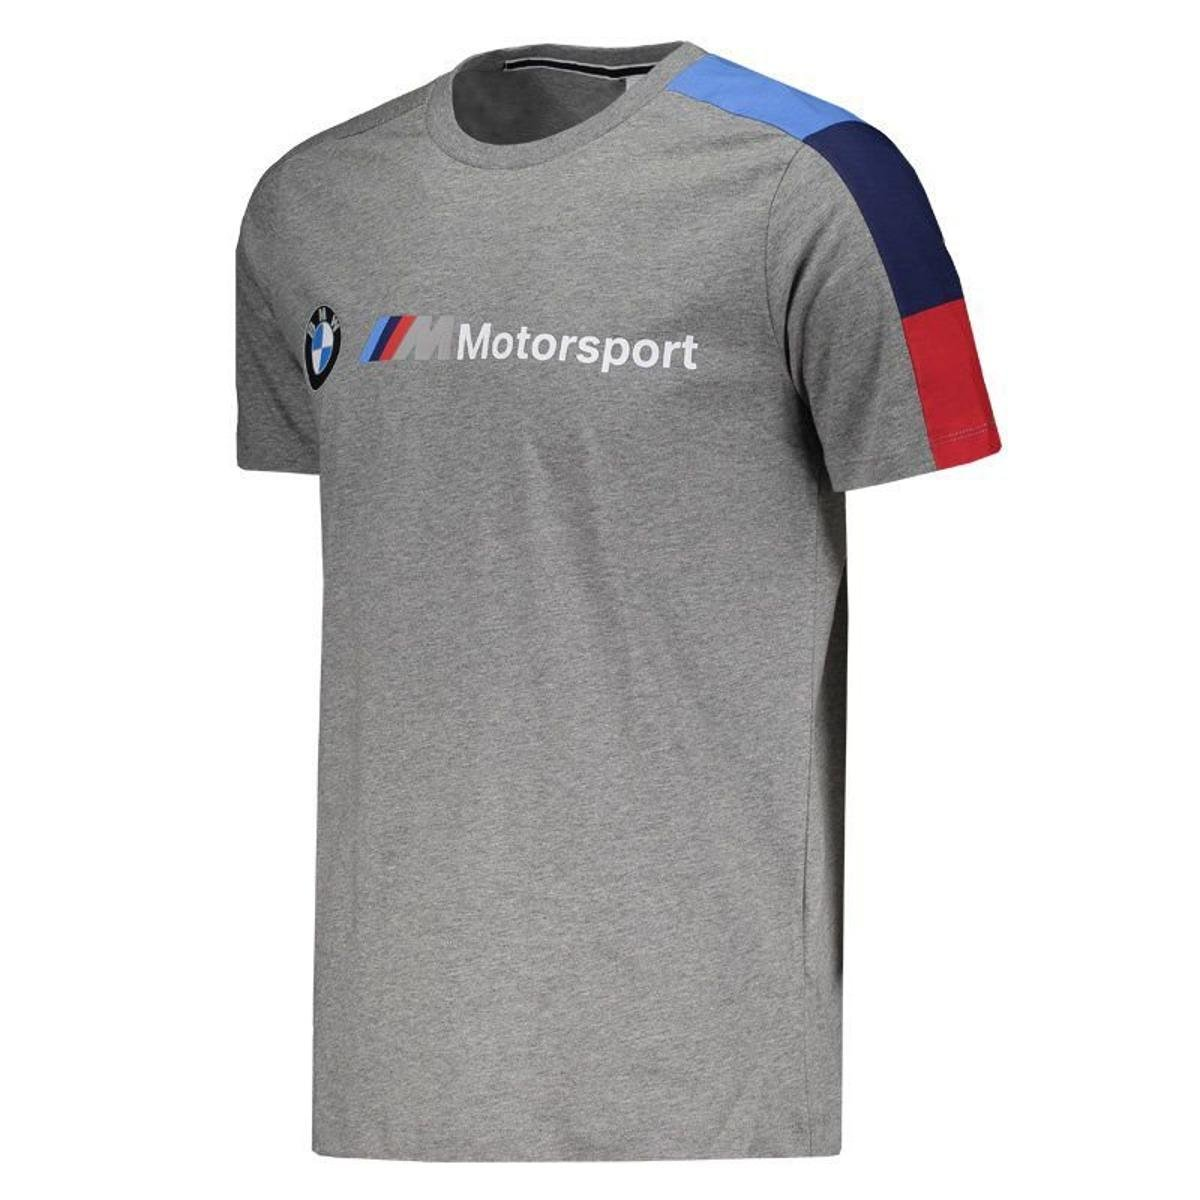 ... Camiseta Puma BMW Motorsport T7 - Compre Agora Netshoes e5d76a57b8077e   Jaqueta ... c317fbf9cb6c0